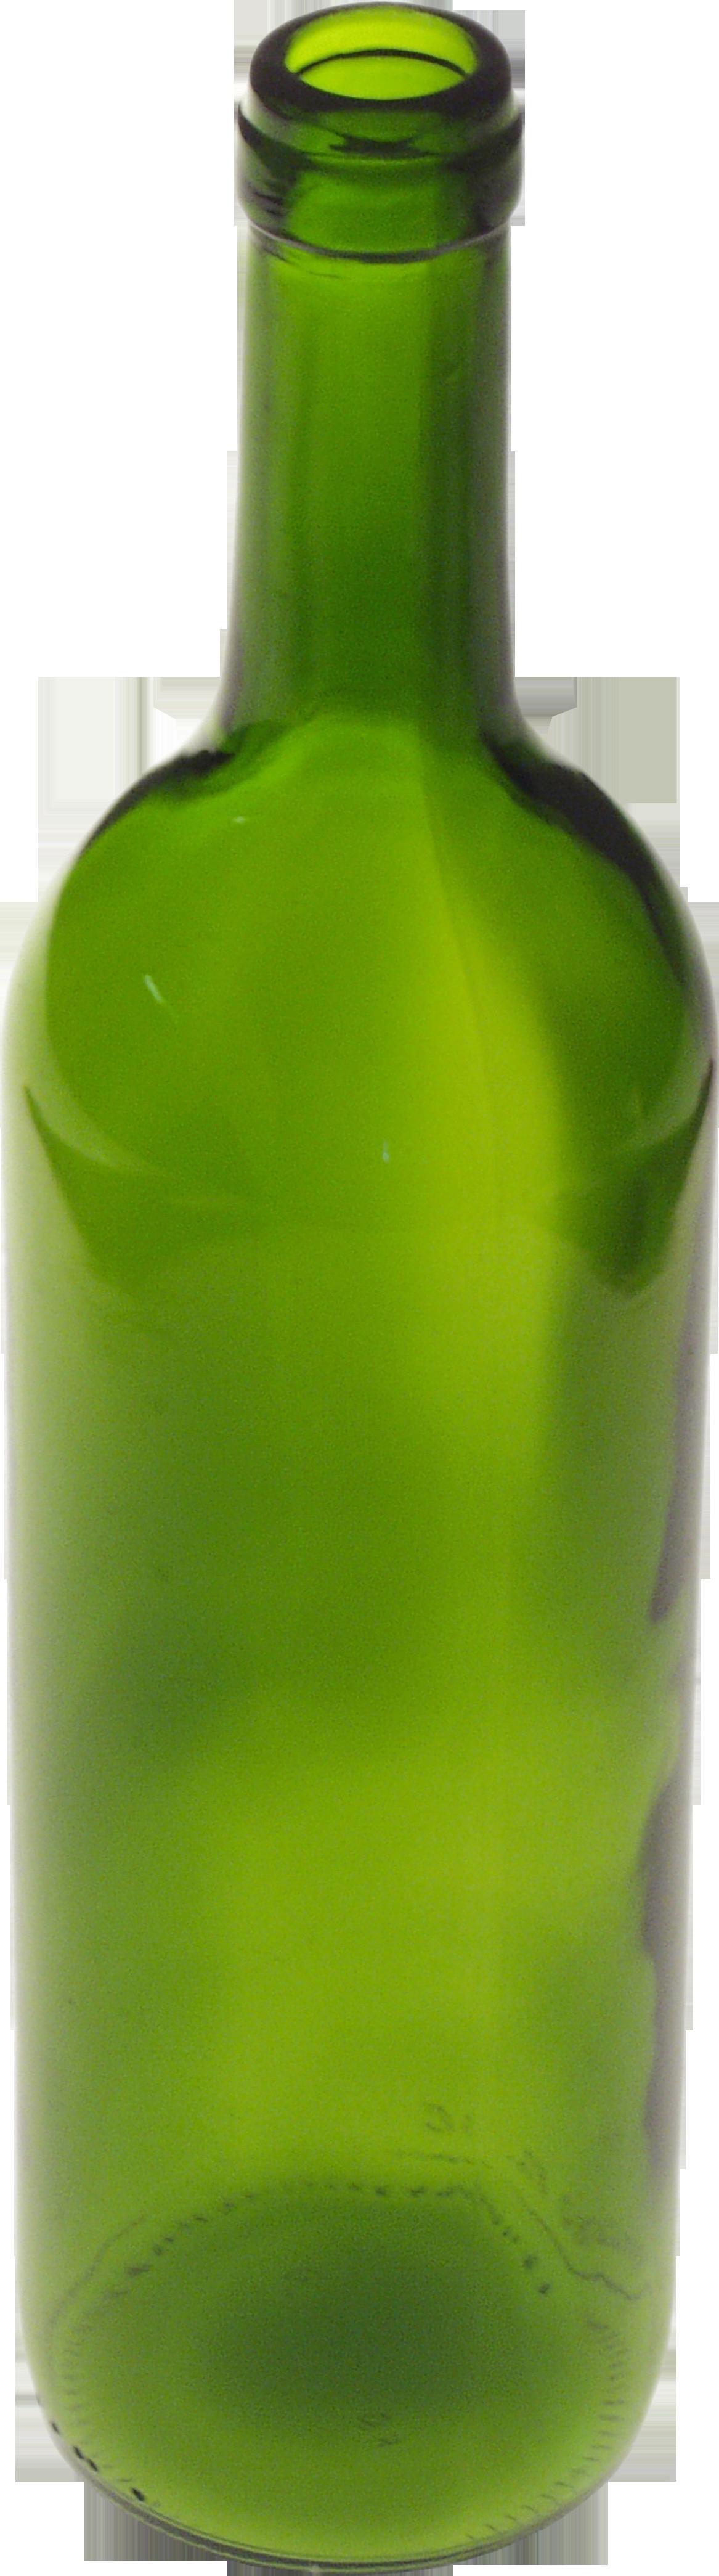 Images free download greem. Bottle png